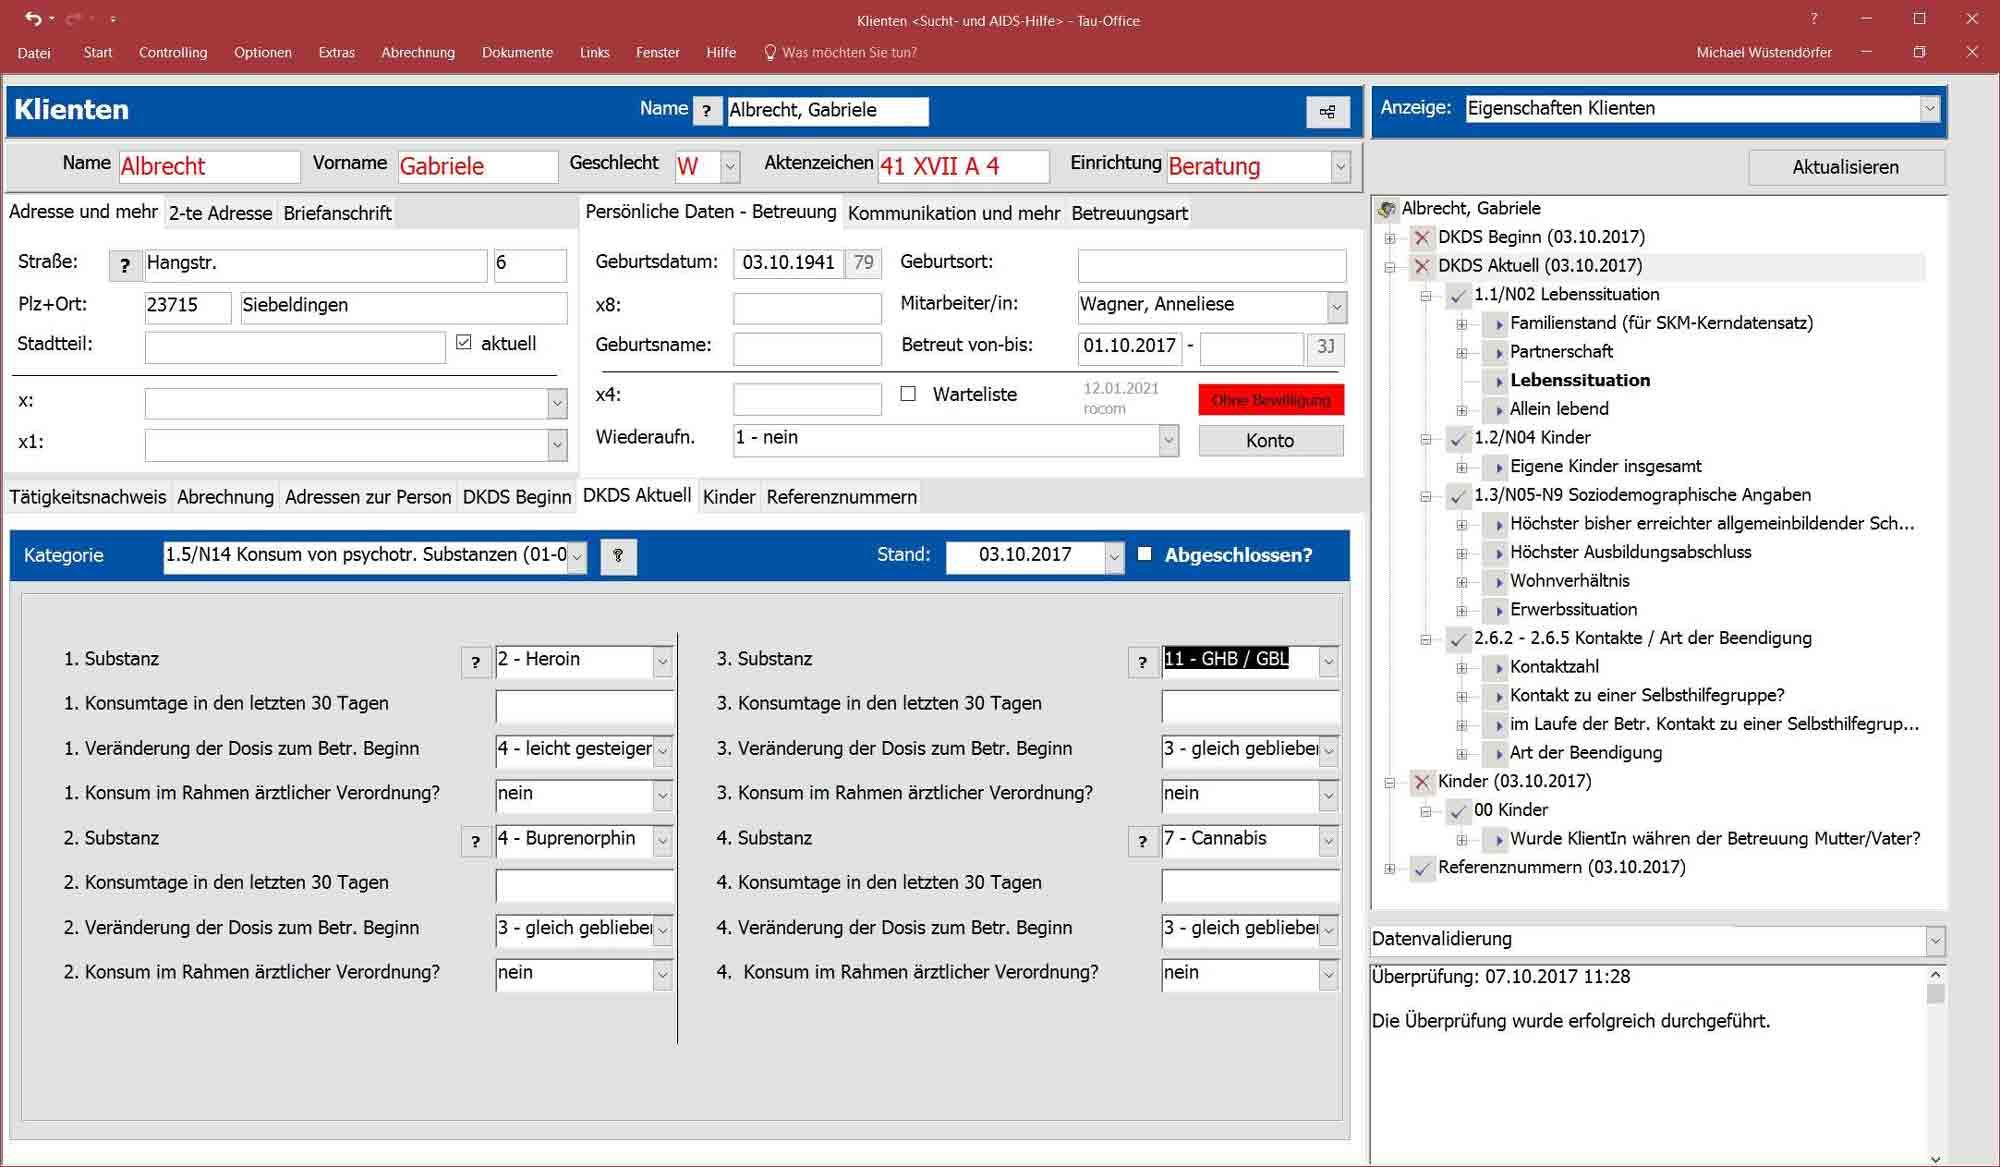 Screenshot der Software zur Sucht- und Drogenberatung von rocom